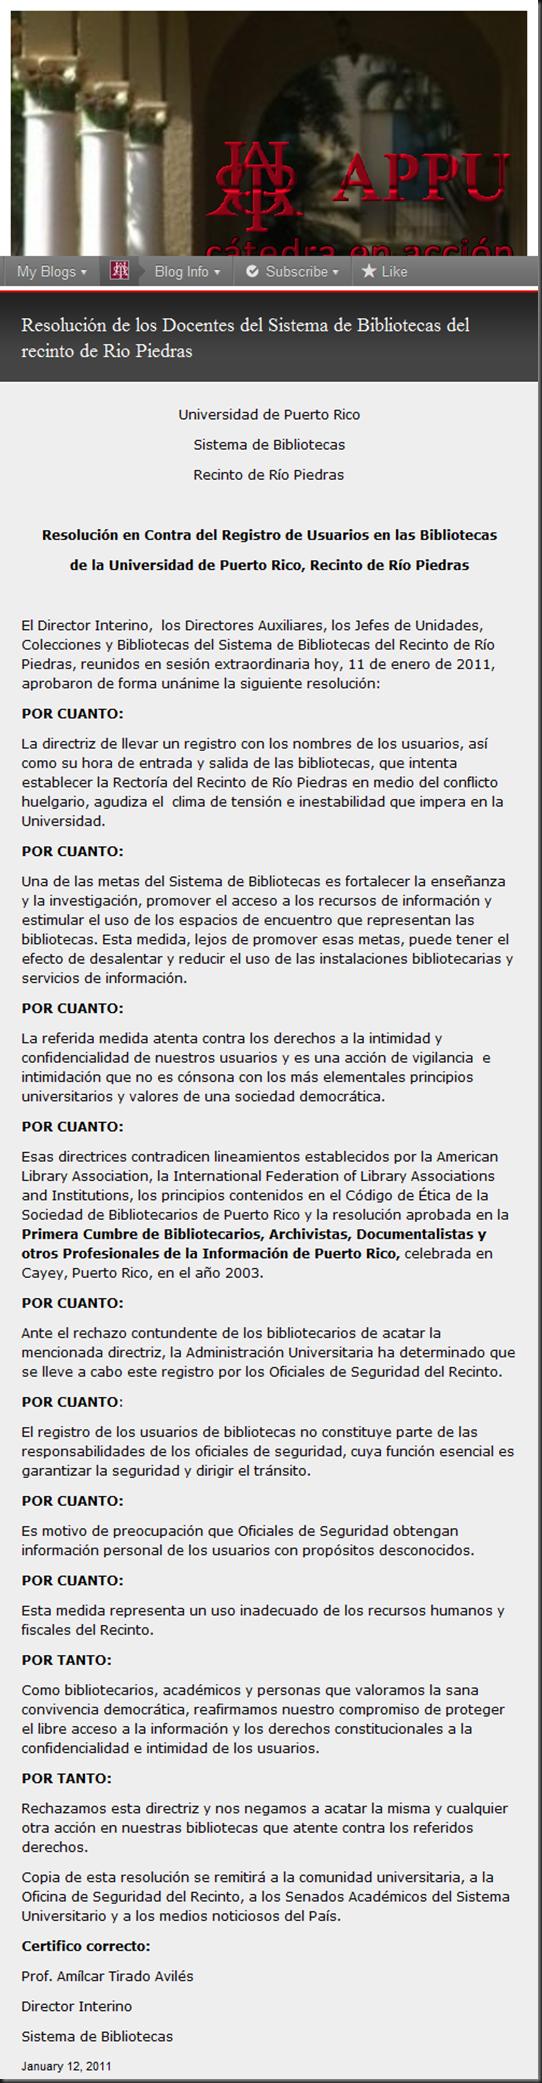 Resolución de los Docentes del Sistema de Bibliotecas del recinto de Rio Piedras « APPU…cátedra en acción